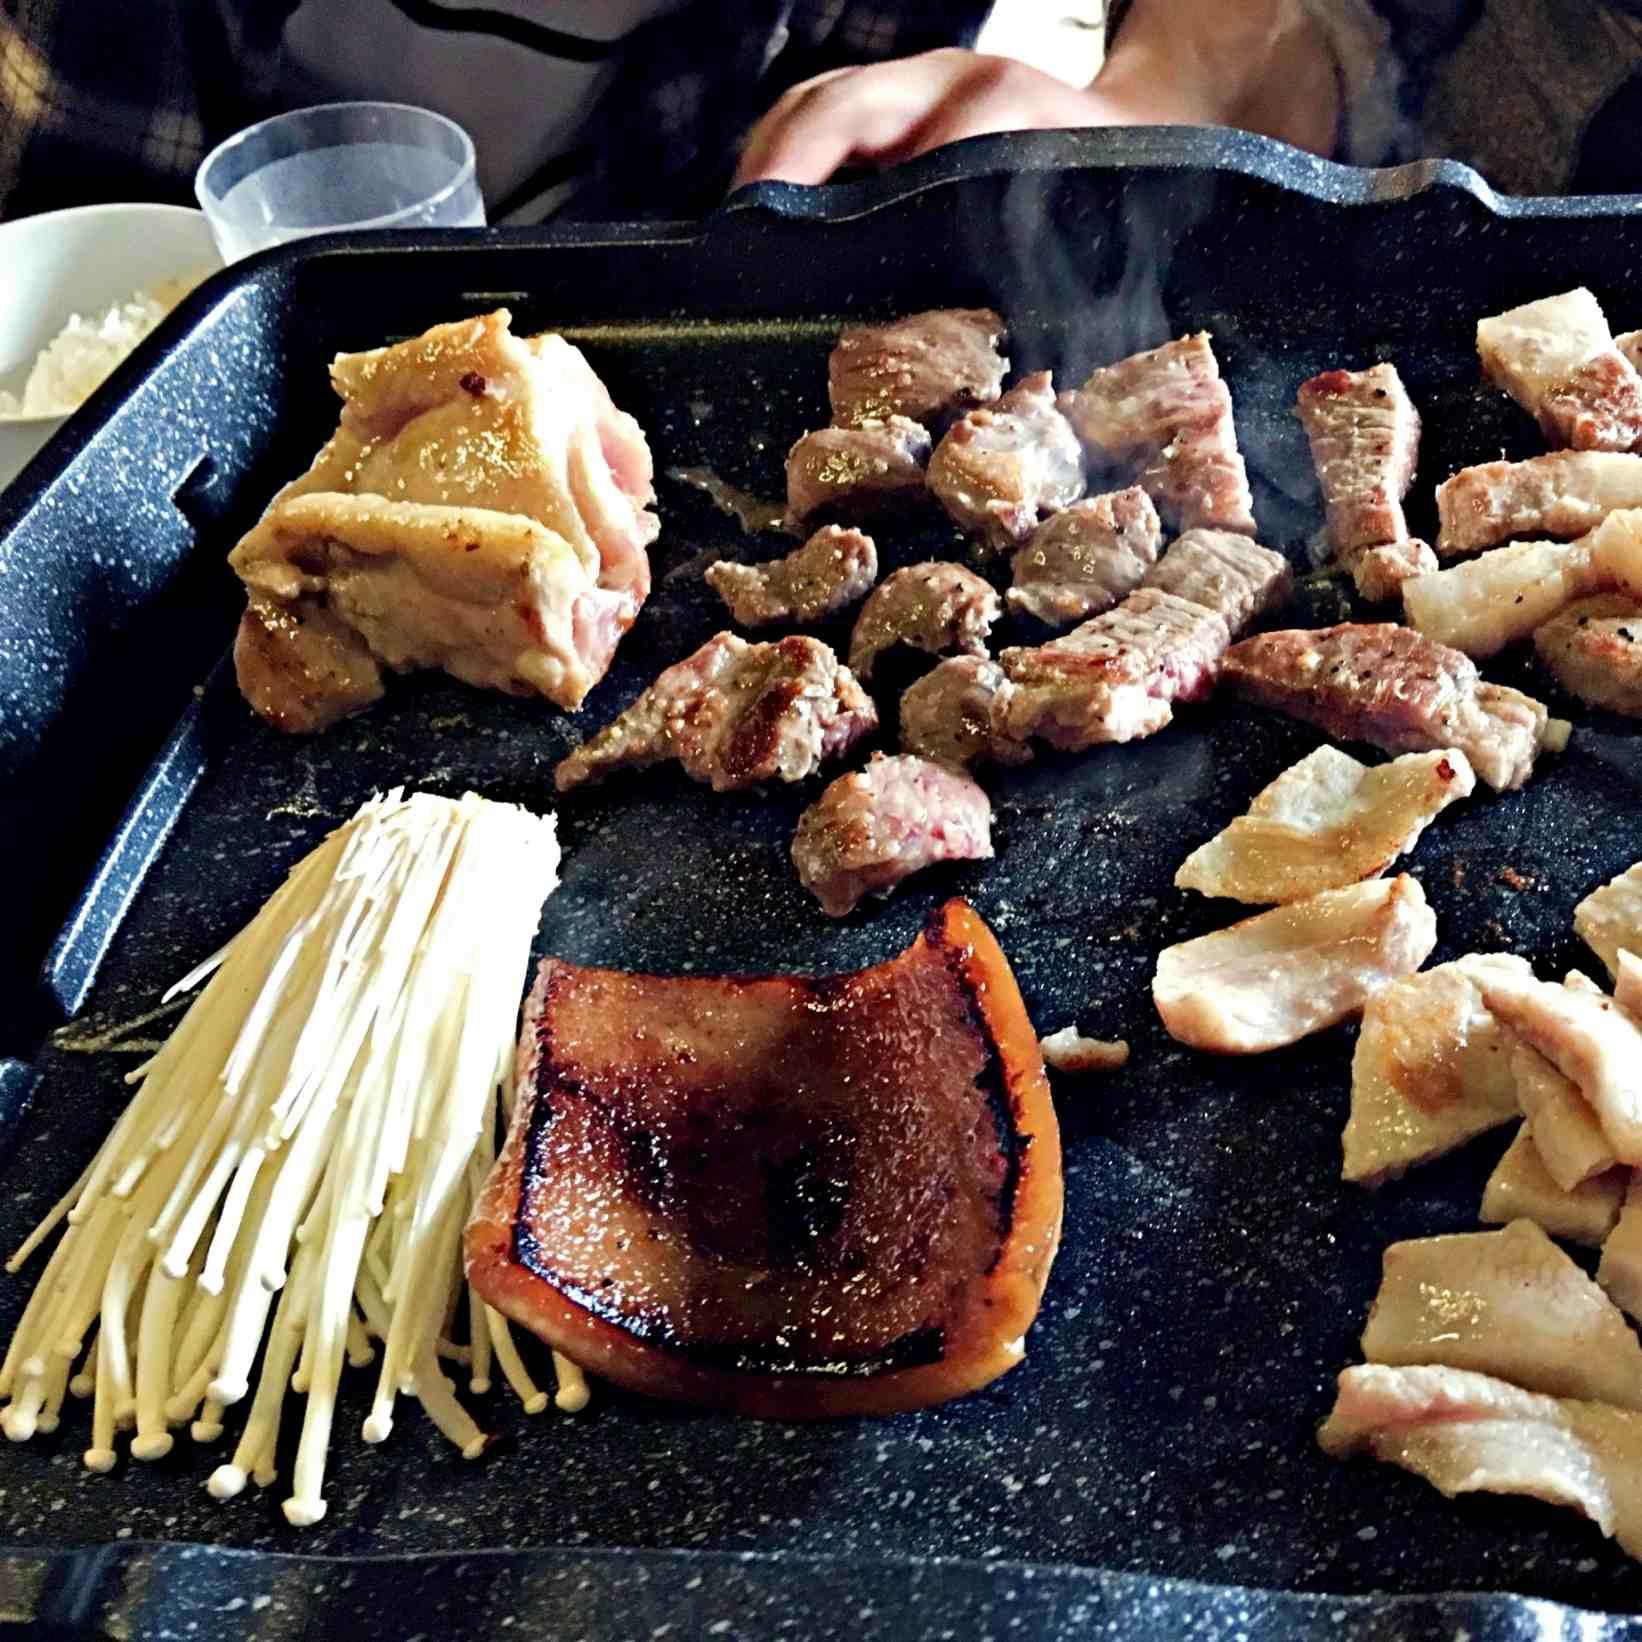 他們家的烤肉超大方,提供至少5種肉類讓你無限阿姆阿姆的吃。